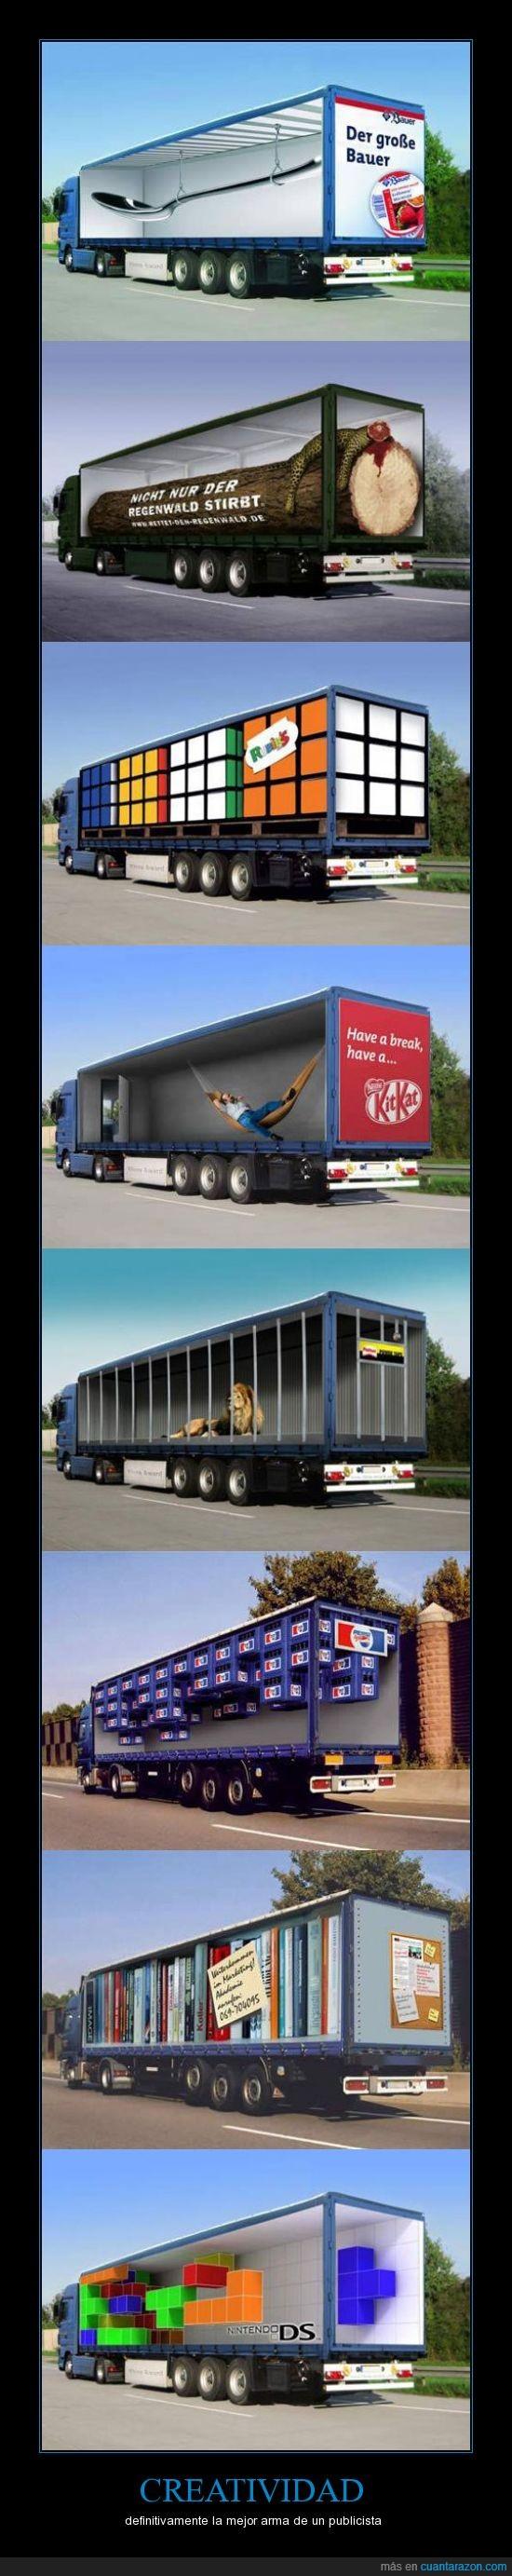 camiones,creativo,publicidad